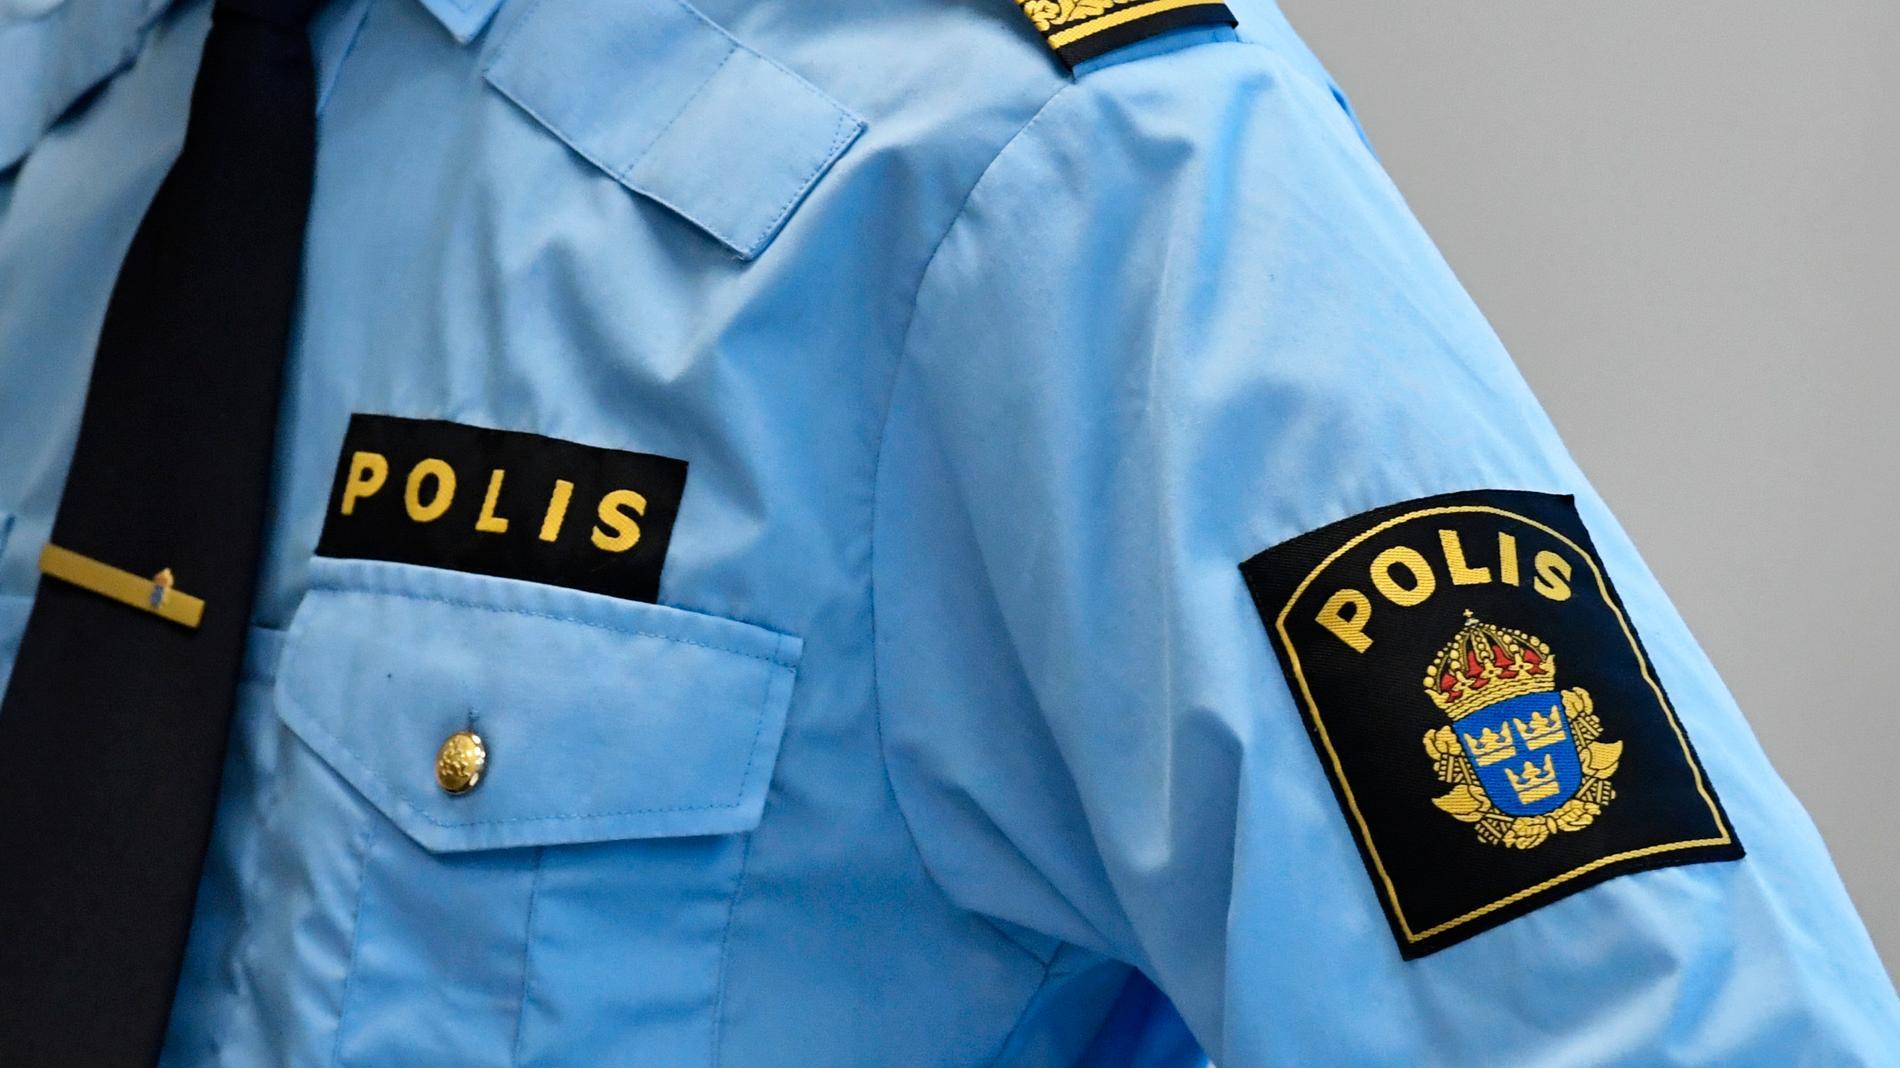 Polismannen döms till dagsböter för fyra fall av dataintrång. Arkivbild.